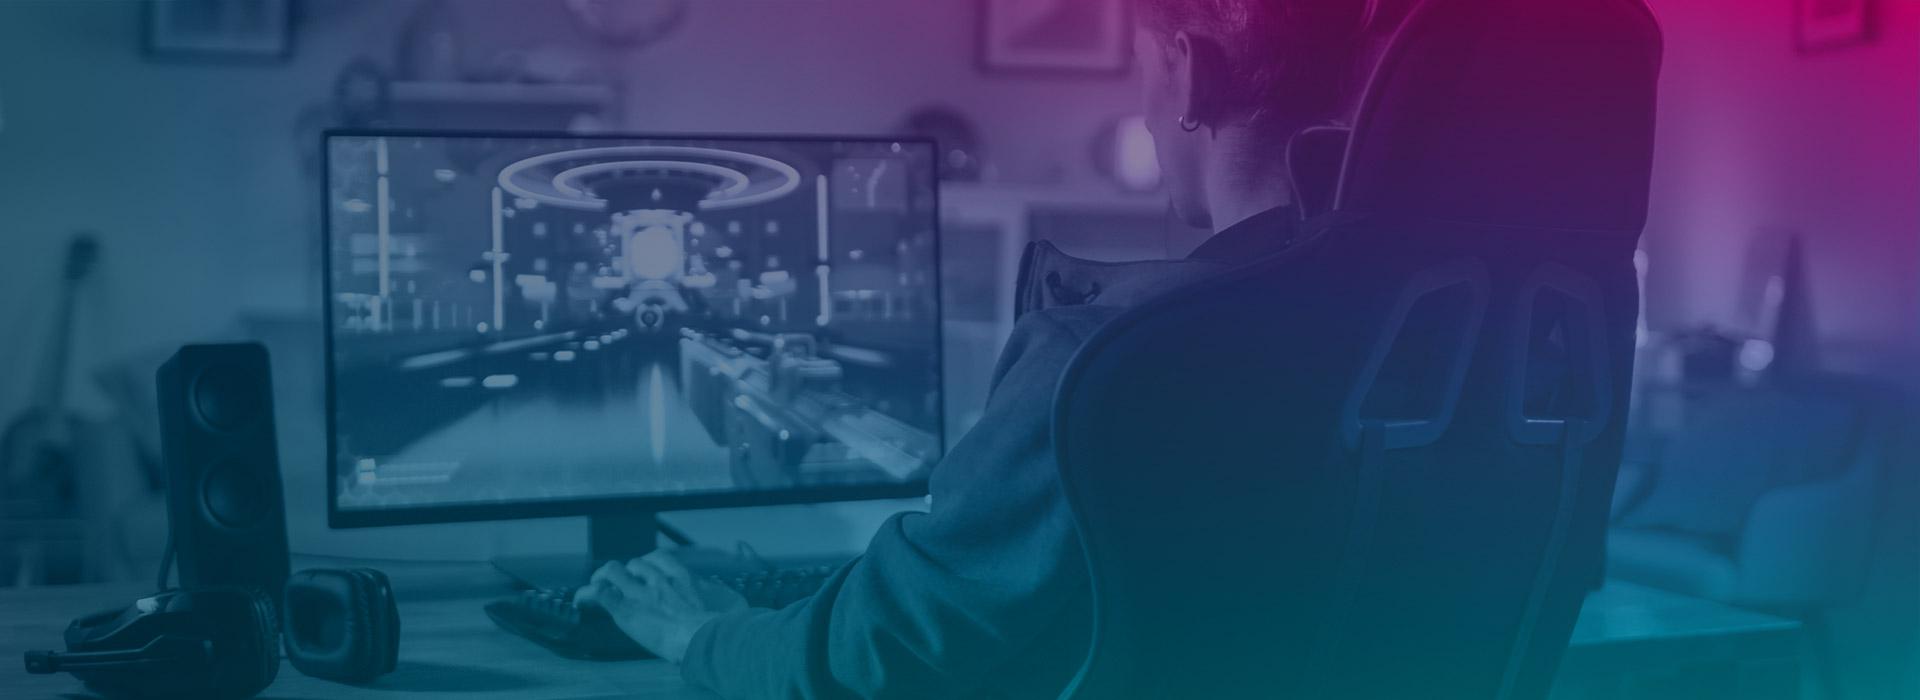 game-development-background